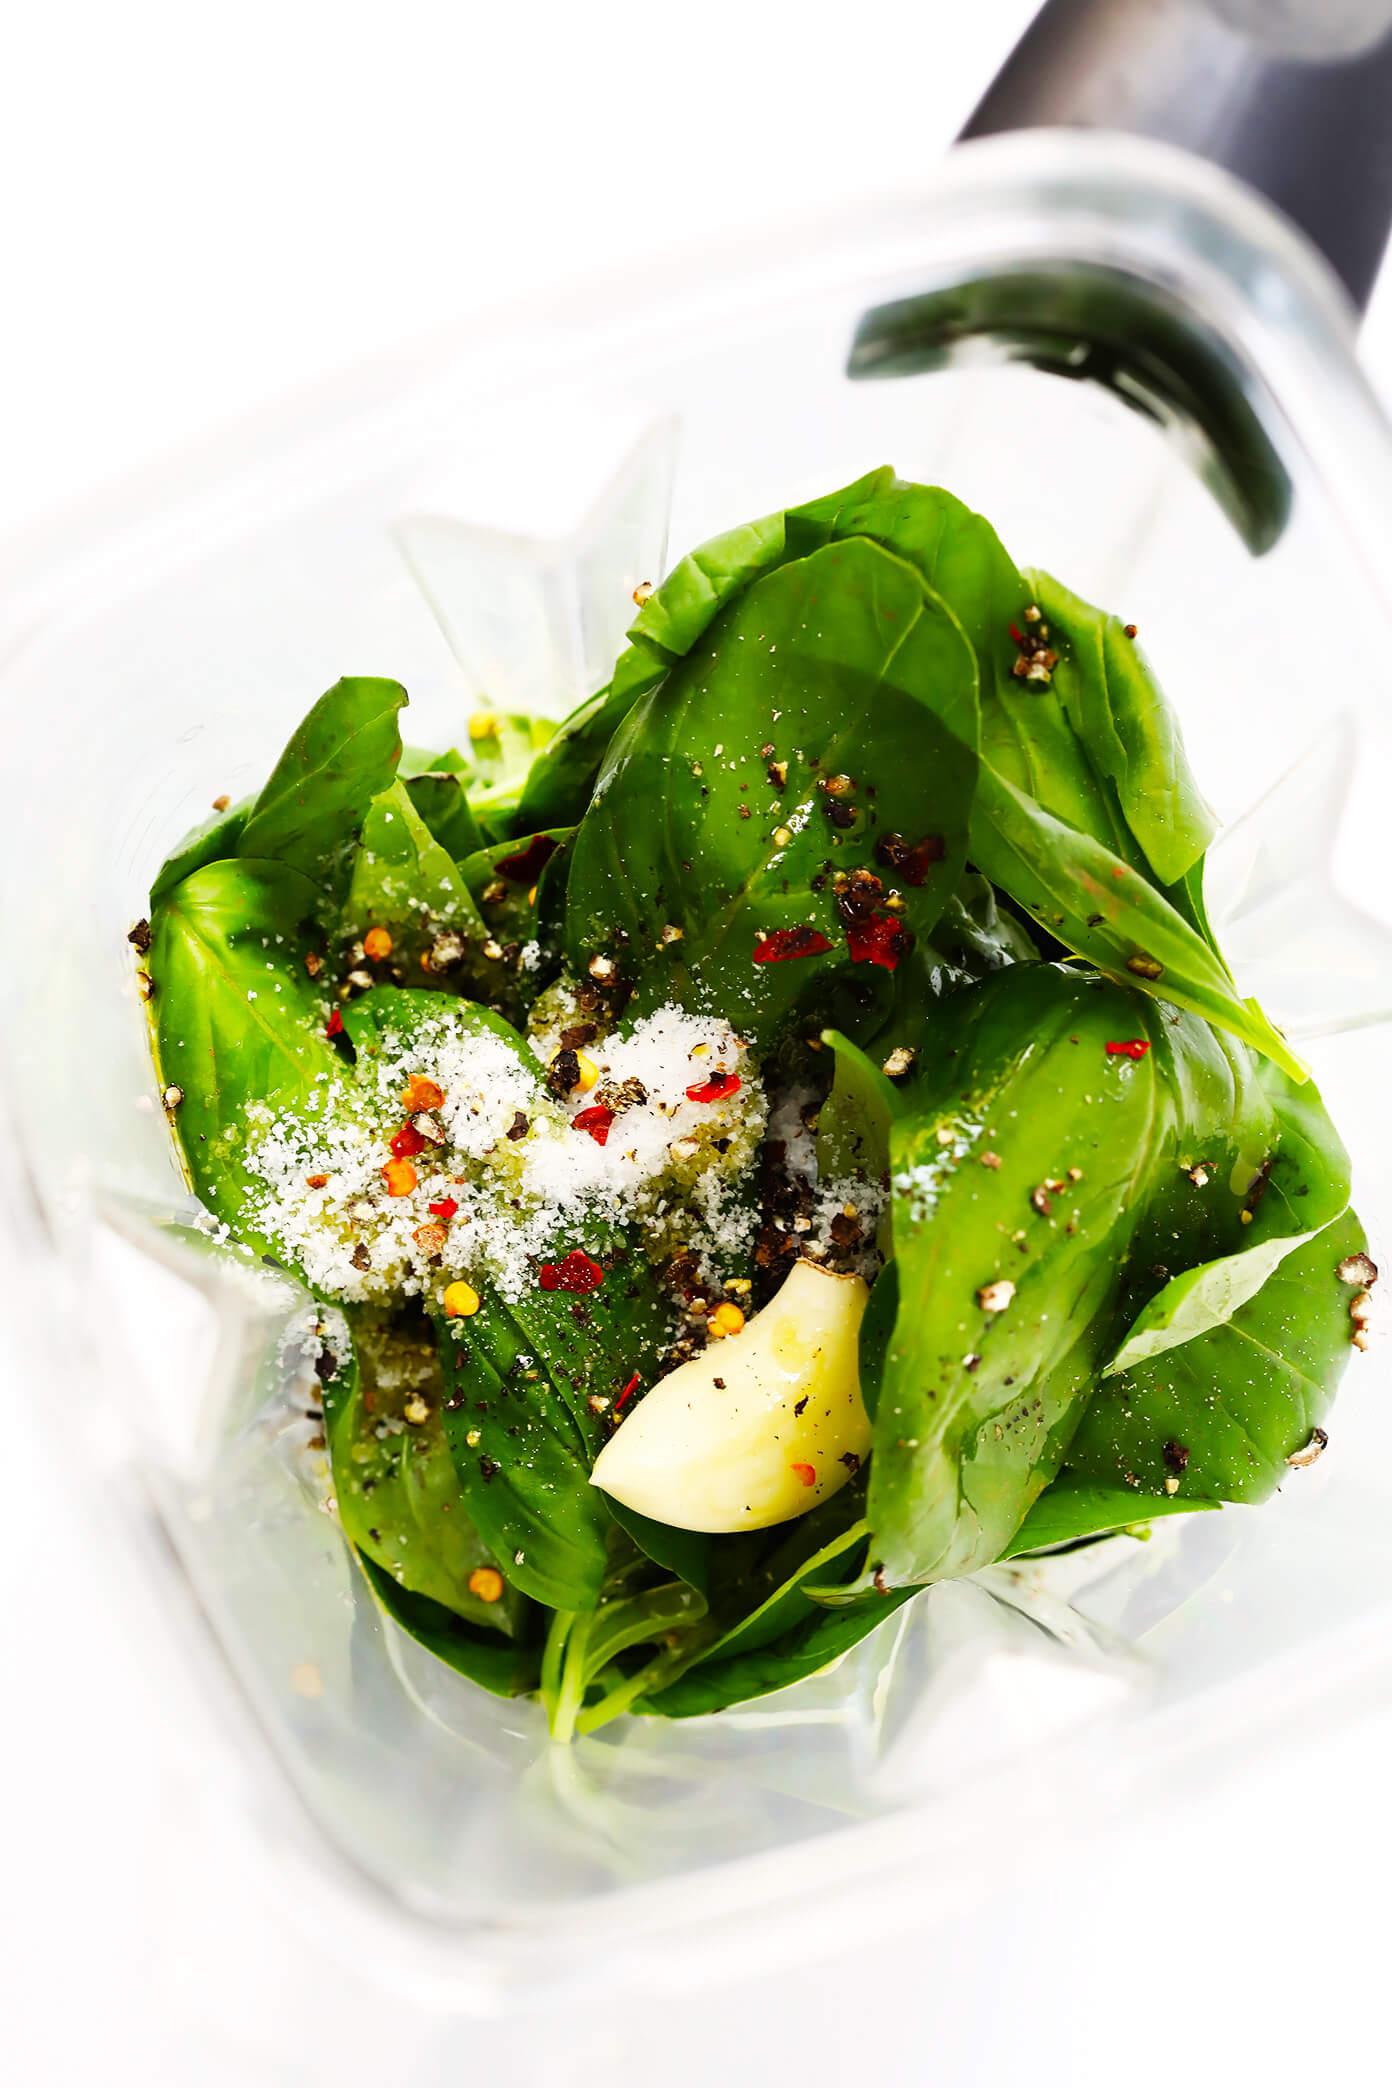 Basil Vinaigrette Ingredients in Blender